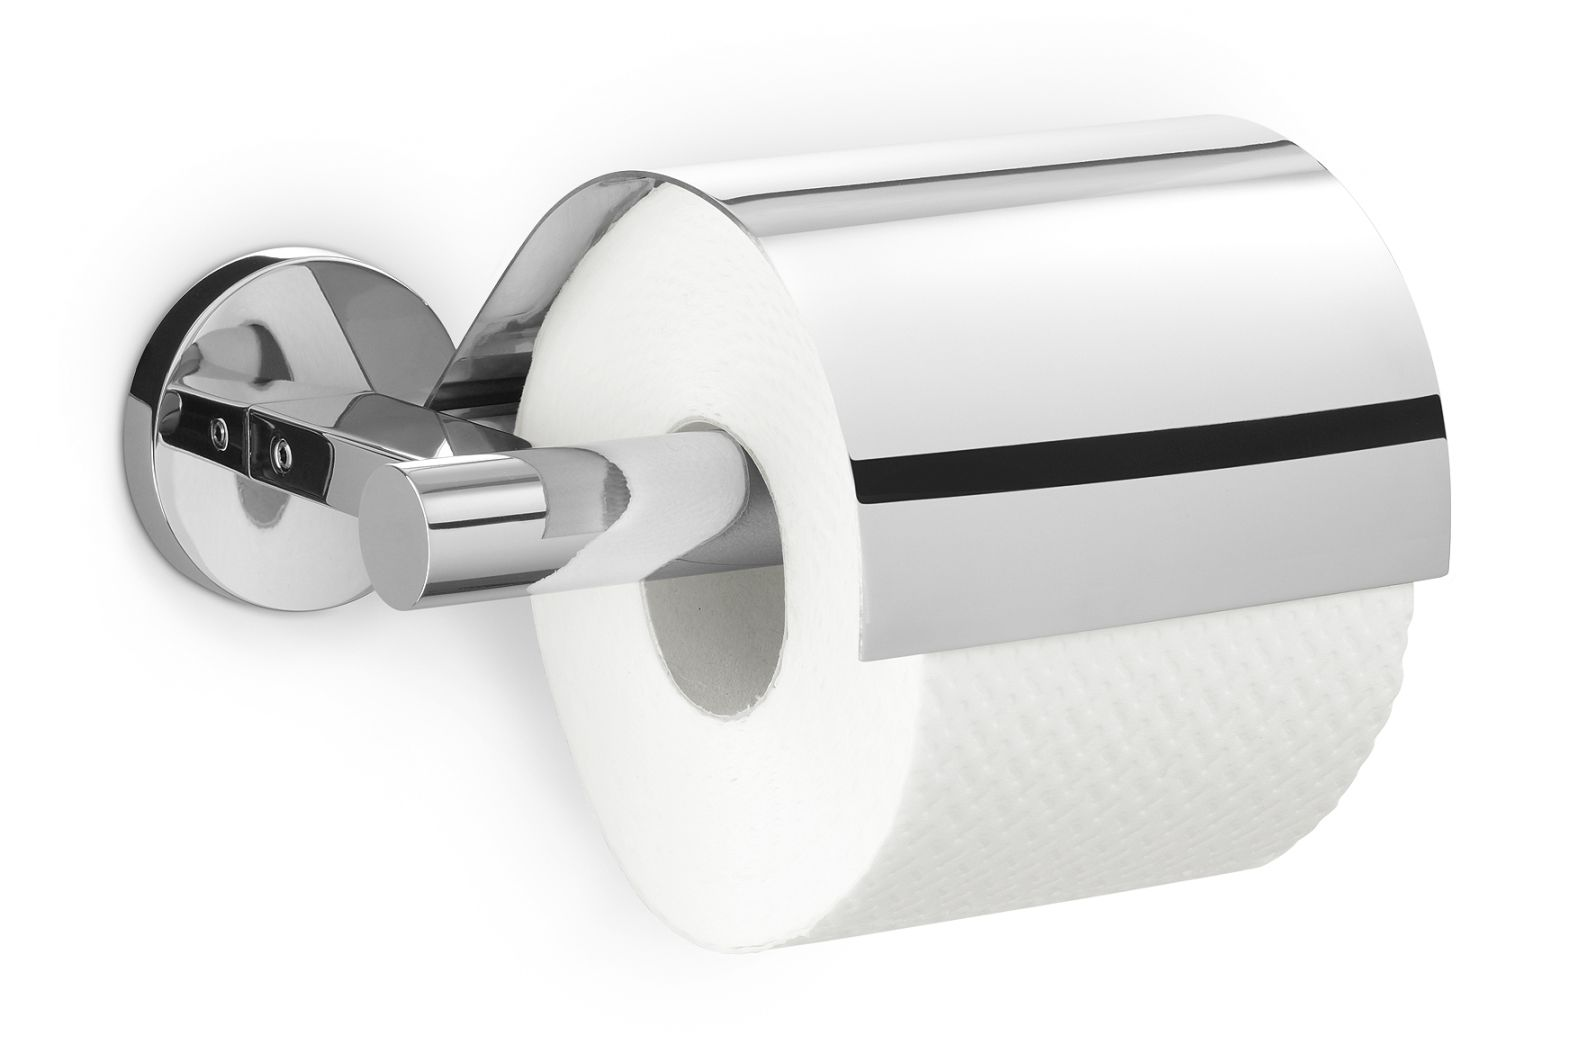 Držák na toaletní papír SCALA, nástěnný - ZACK